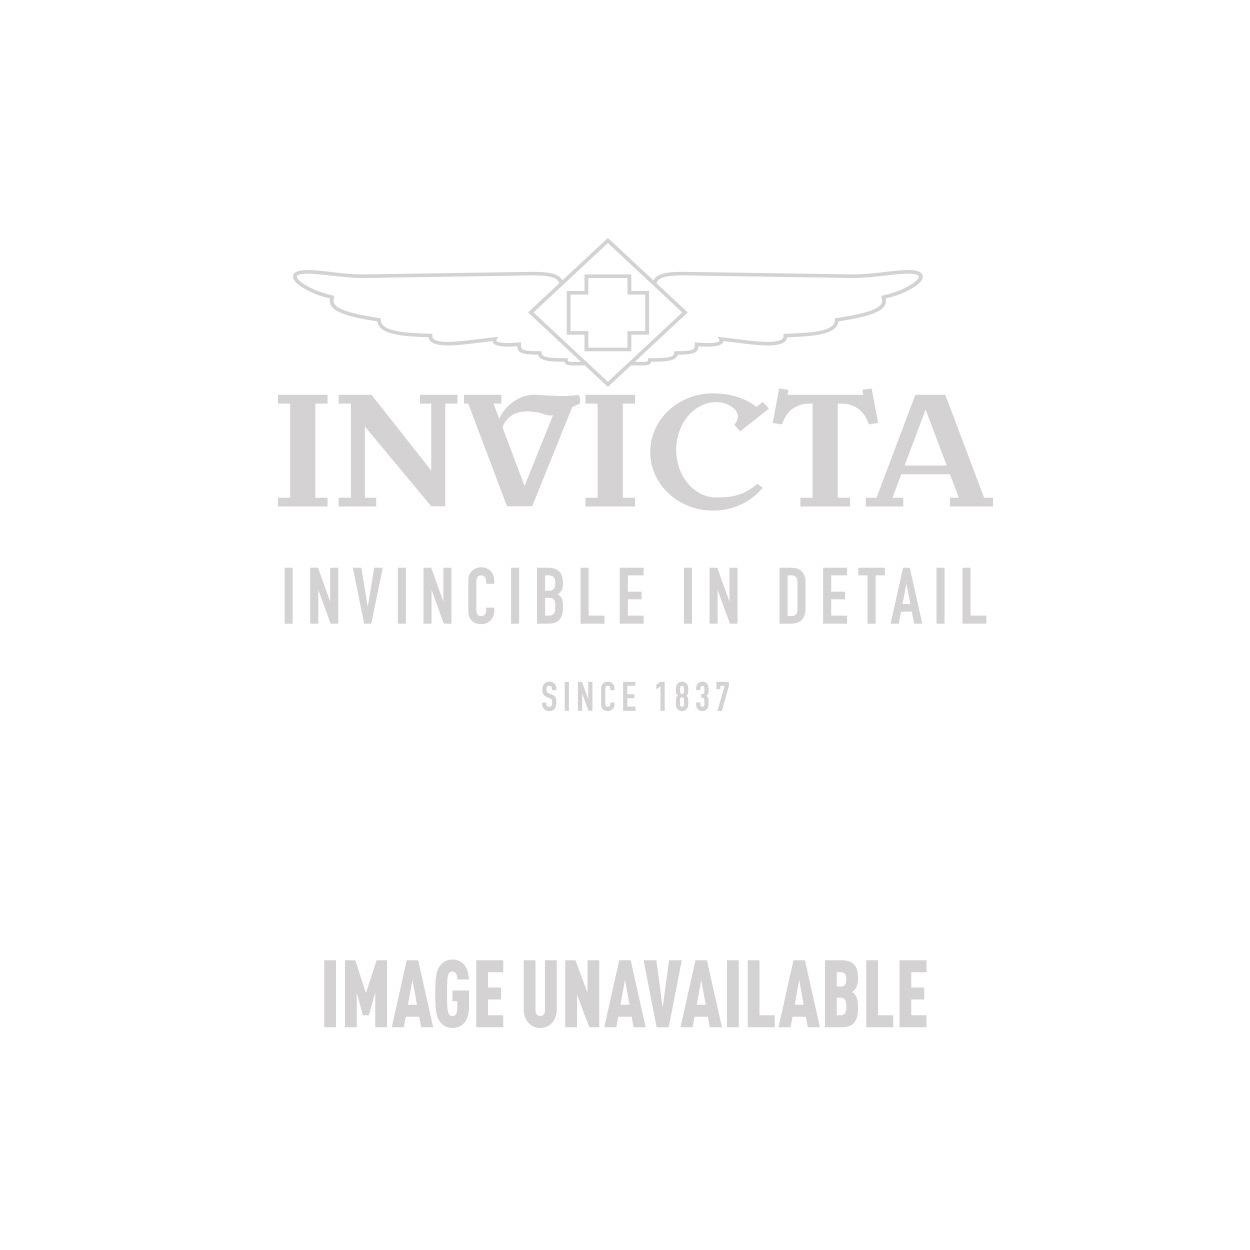 Invicta Model 25124